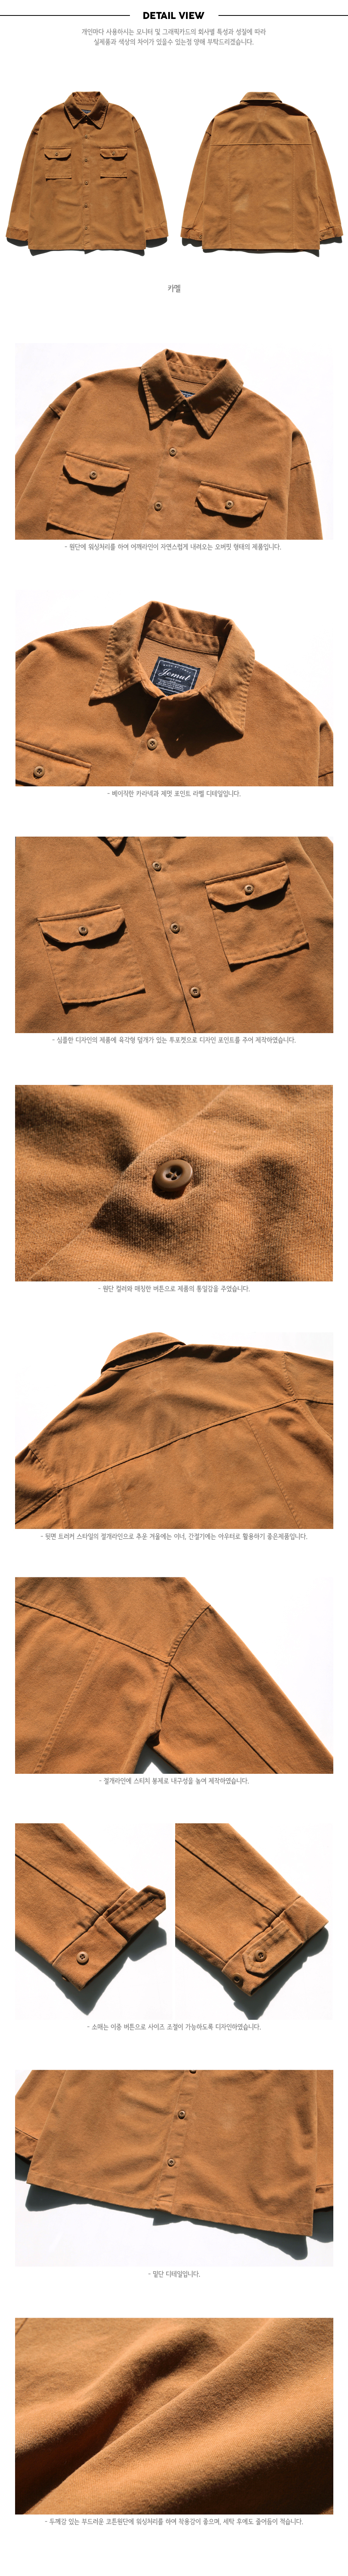 20190129_big_pocket_shirts_camel_kj.jpg